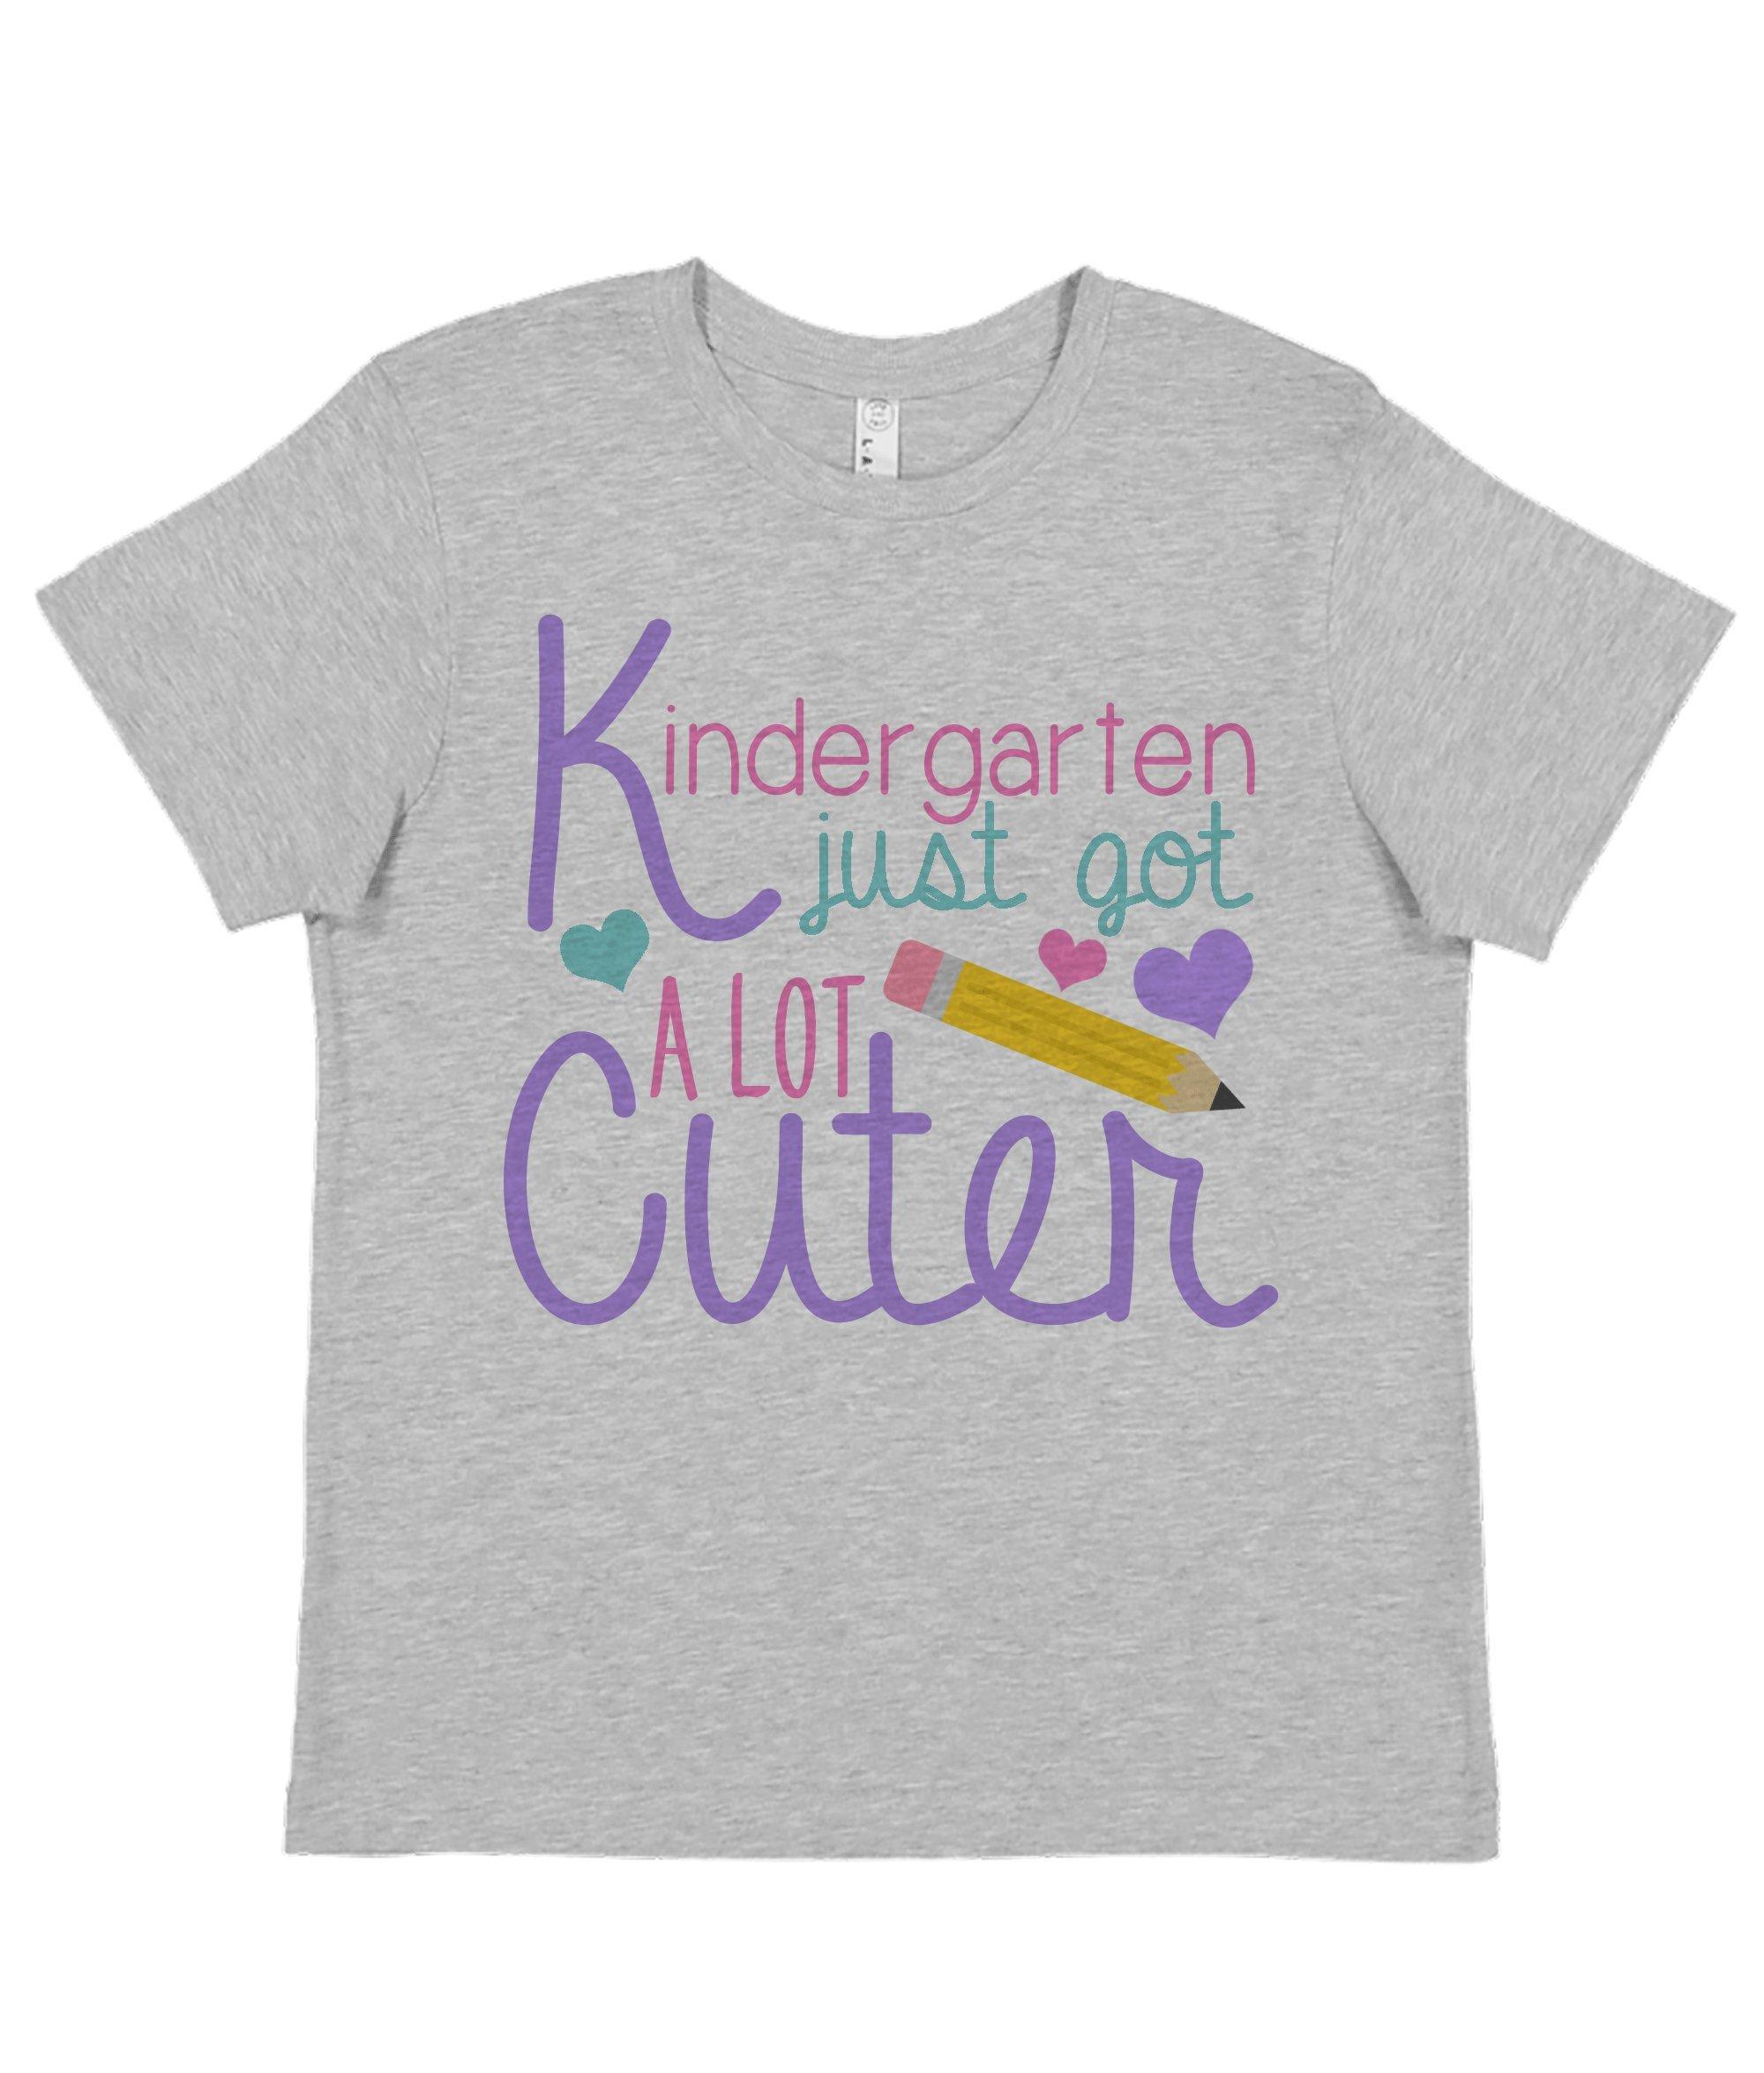 7 ate 9 Apparel Girl's Kindergarten Got Cuter School Shirt